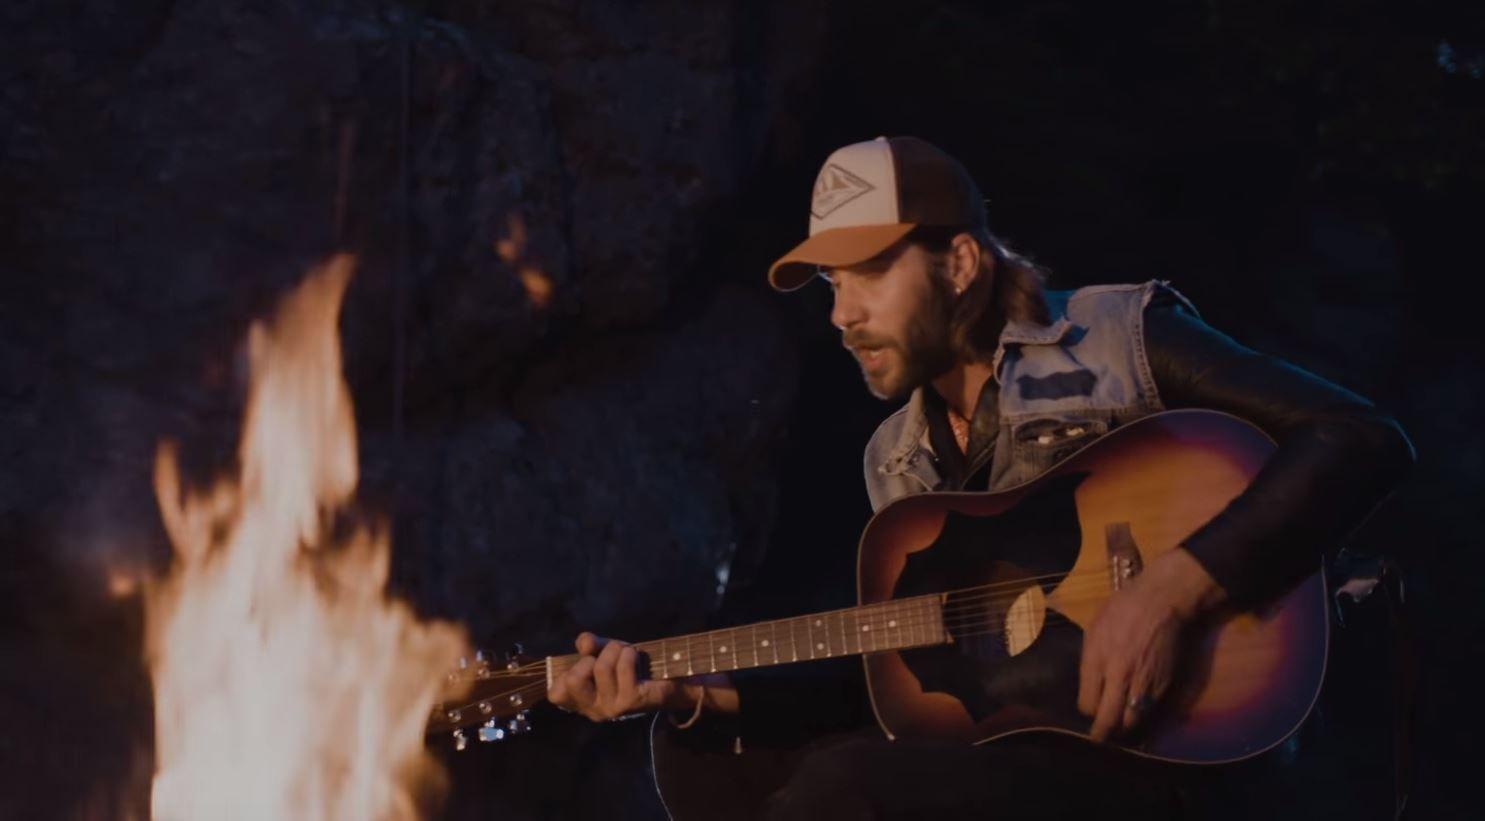 Country aus dem Bregenzerwald - Prinz Grizzley präsentiert neues Musikvideo